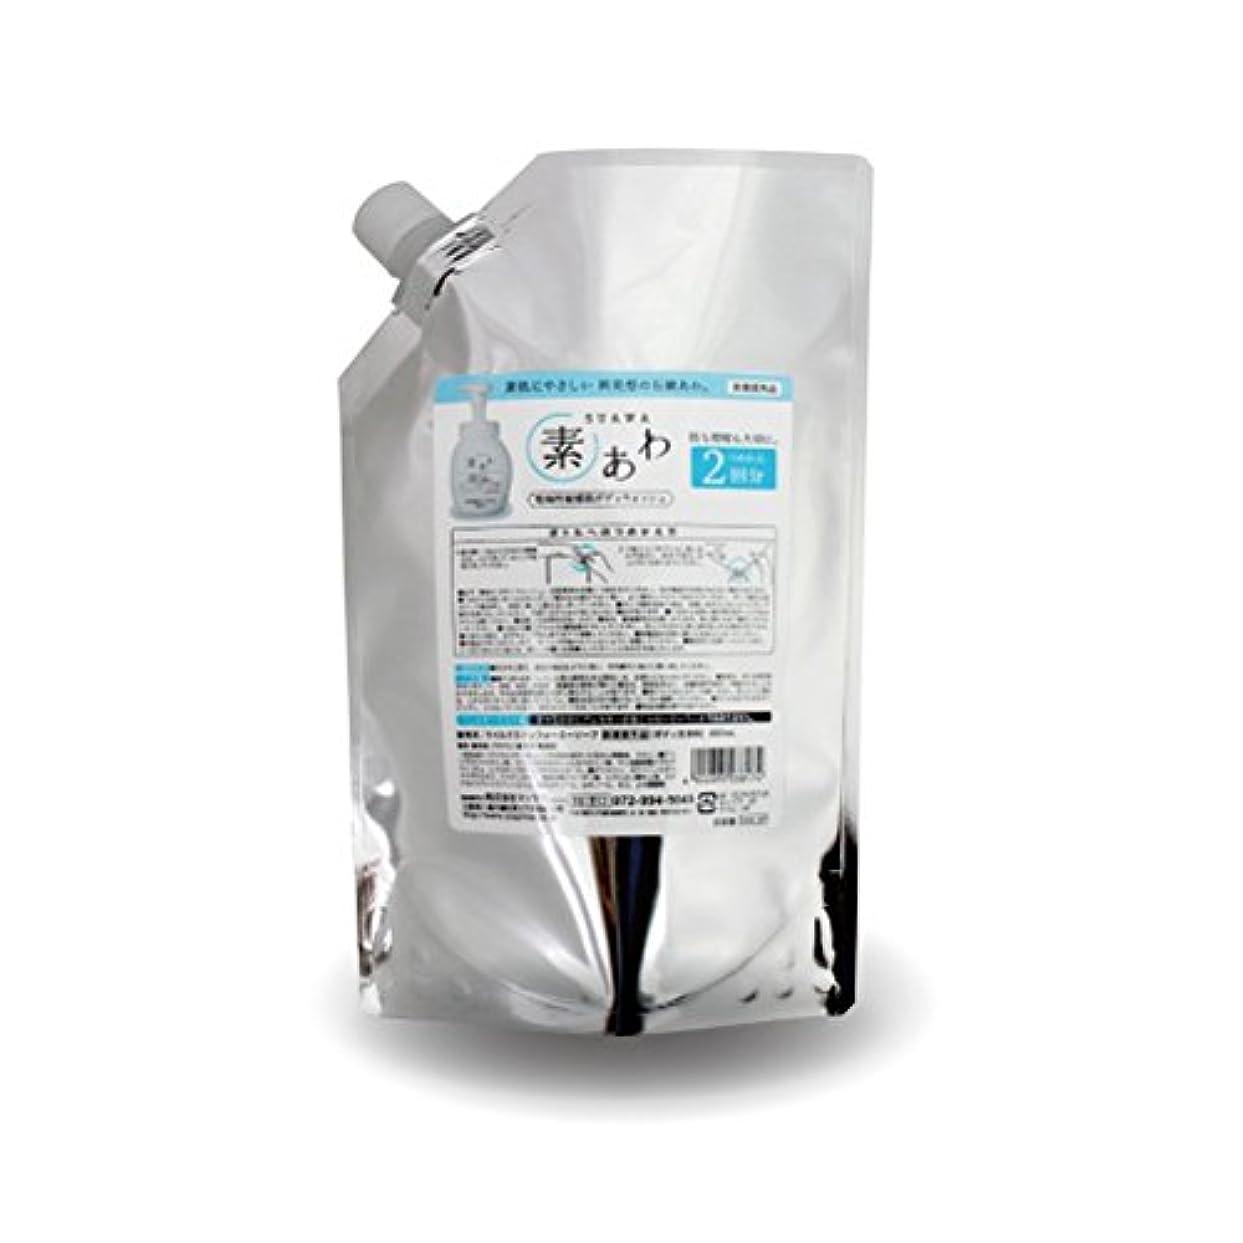 輸血リマークジャングル薬用 素あわ 泡タイプ ボディソープ 詰替2回分パウチ 800mL 乾 燥 肌 ? 敏 感 肌 に